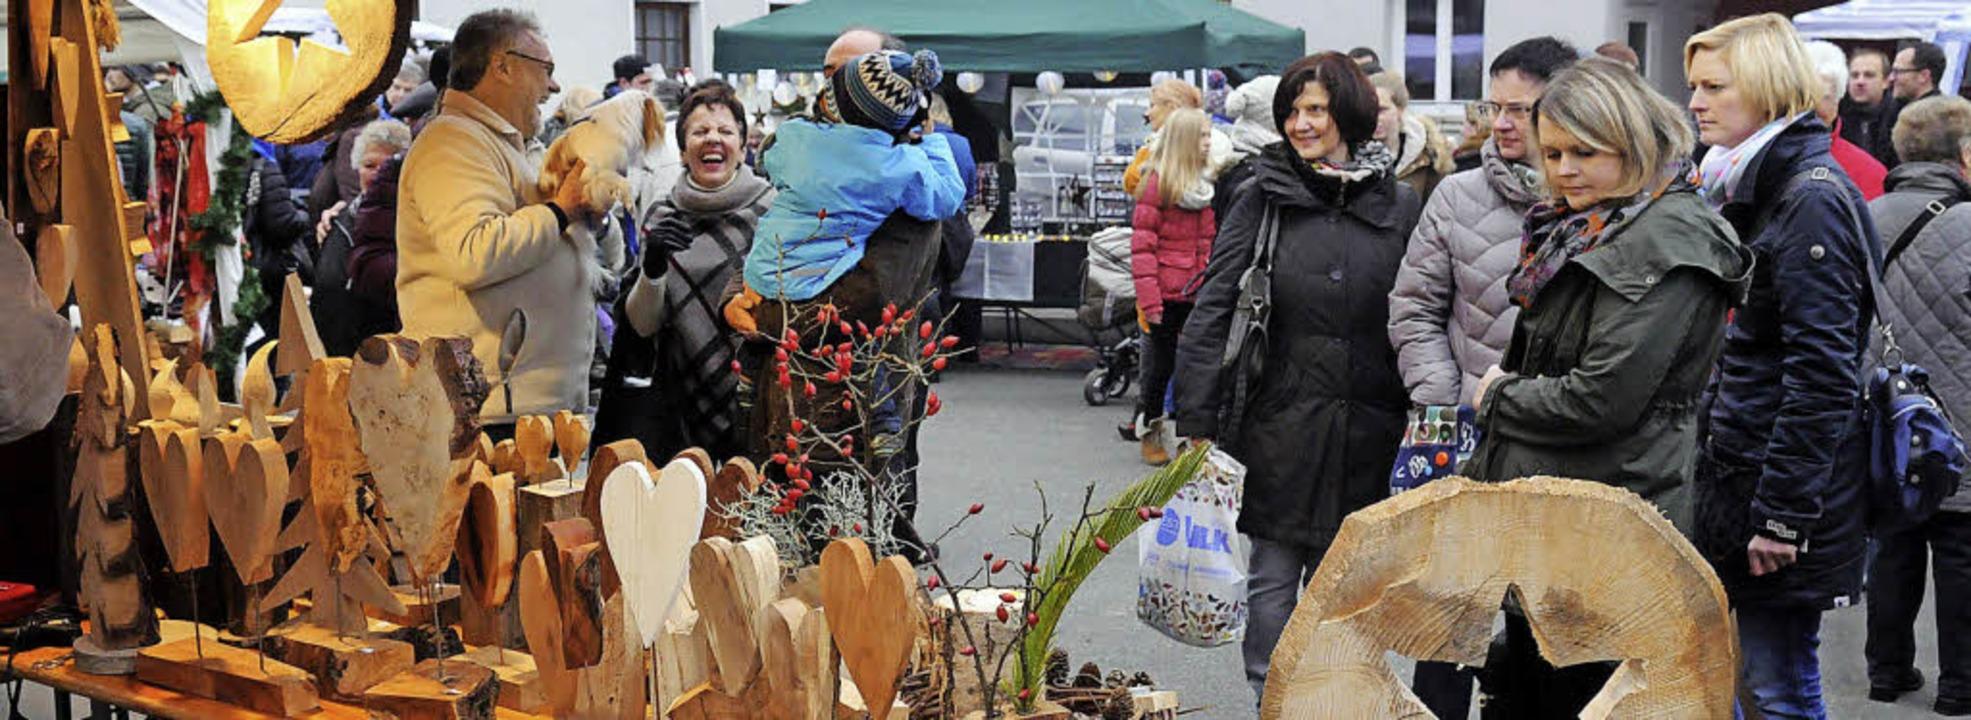 Für Weihnachtsschnitzereien interessie...so mancher Besucher des Wintermarkts.   | Foto: Wolfgang Künstle